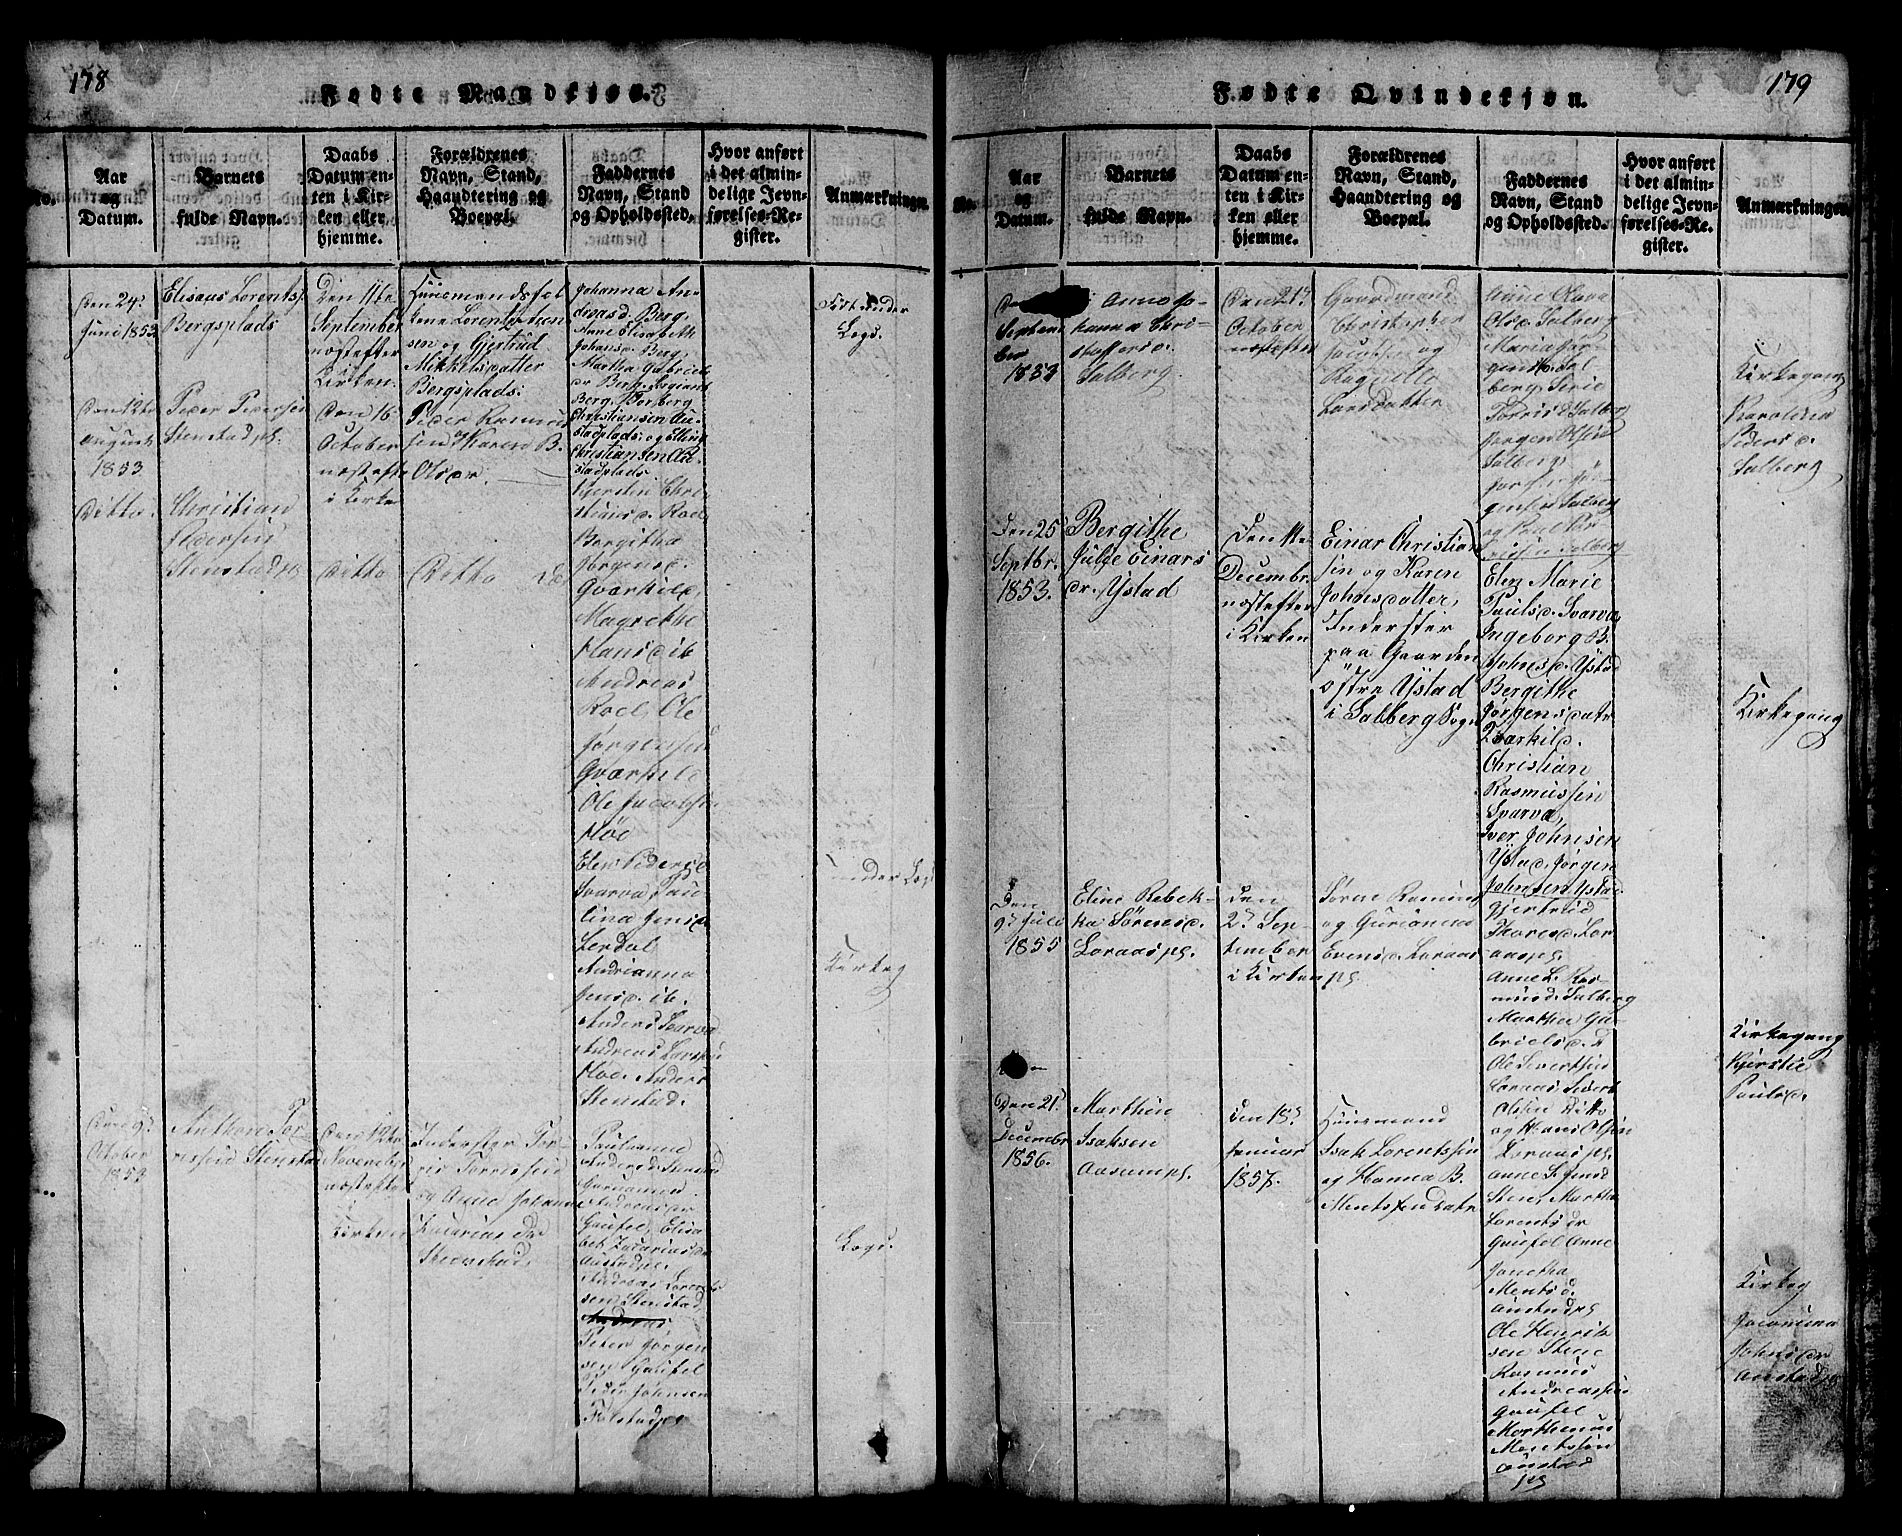 SAT, Ministerialprotokoller, klokkerbøker og fødselsregistre - Nord-Trøndelag, 731/L0310: Klokkerbok nr. 731C01, 1816-1874, s. 178-179